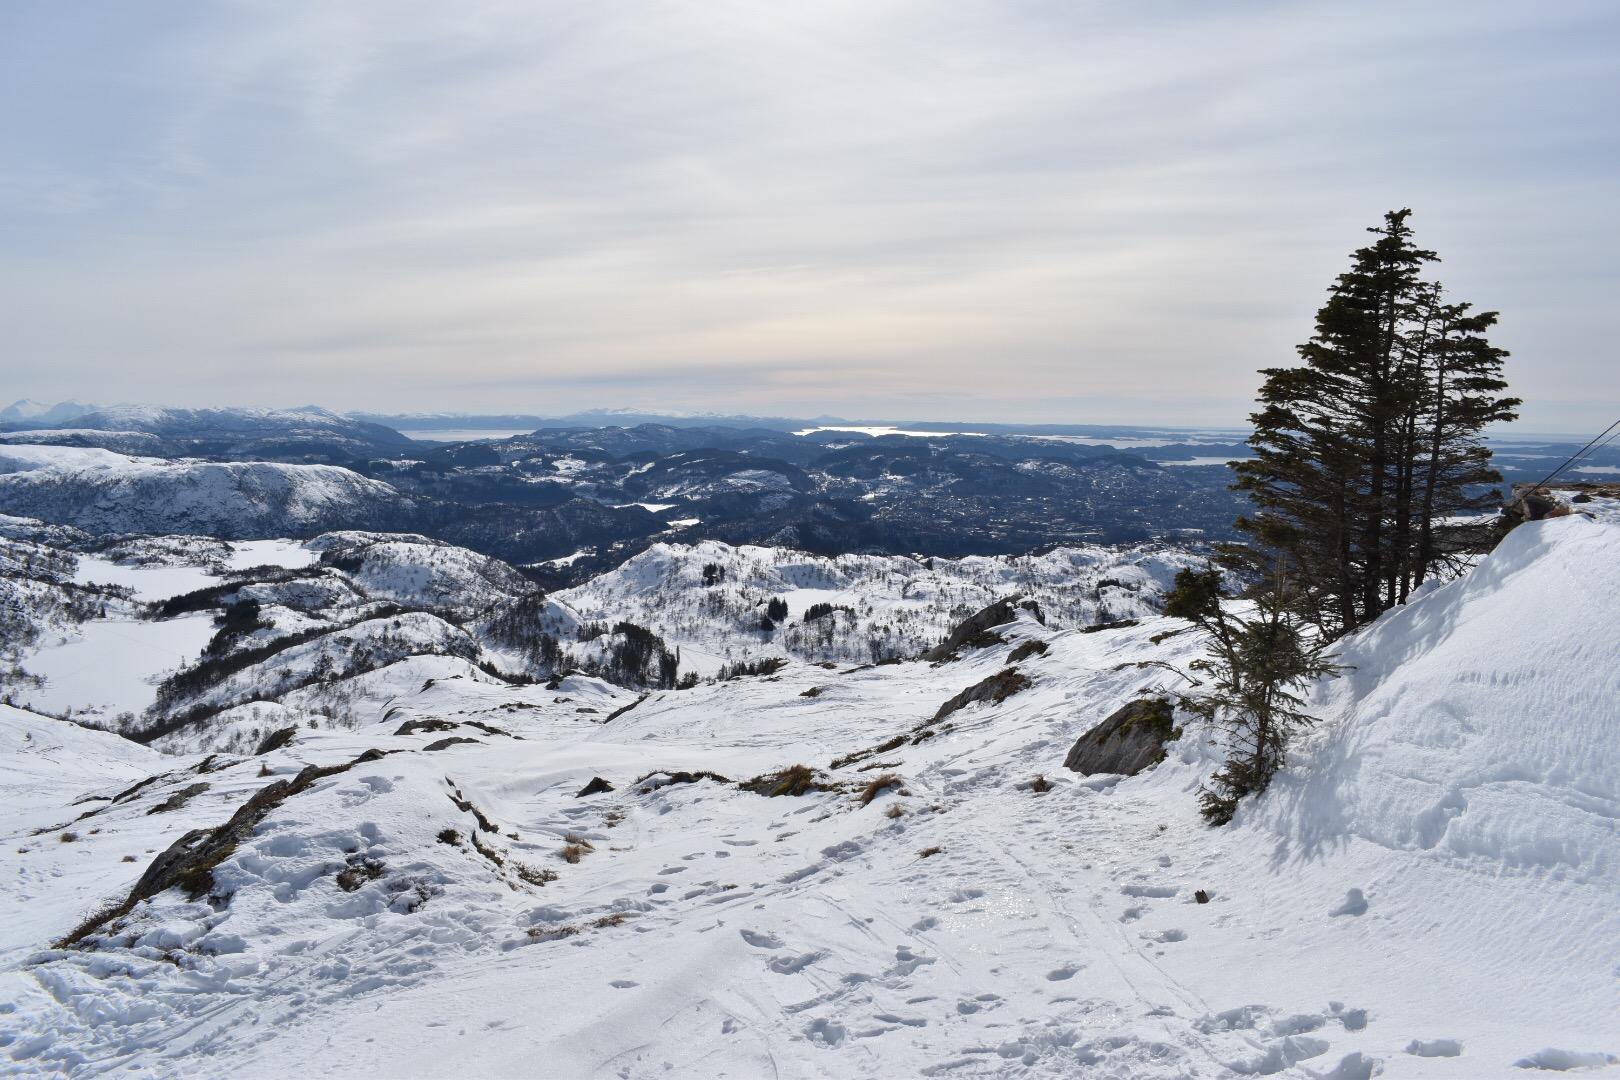 Distant Fjords and Trees on Top of Mount Ulriken in Bergen, Norway